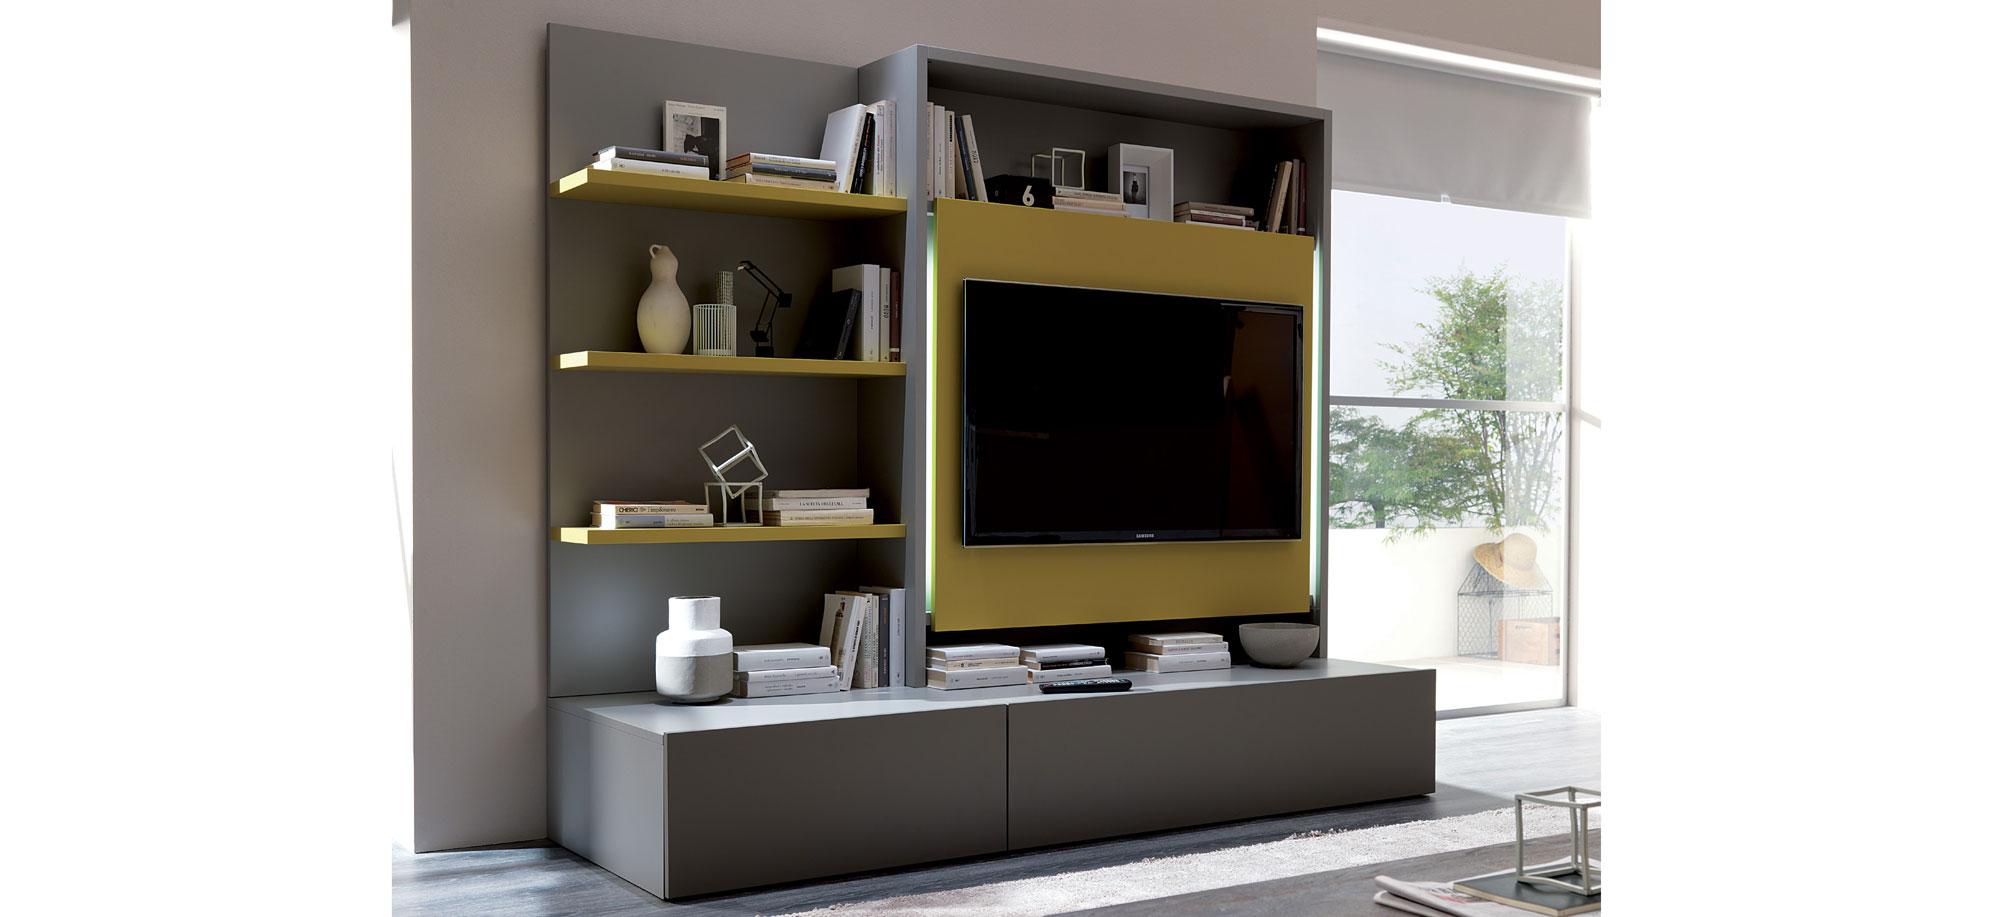 Mueble tv moderno smart en cosas de arquitectoscosas de for Muebles de estudio modernos